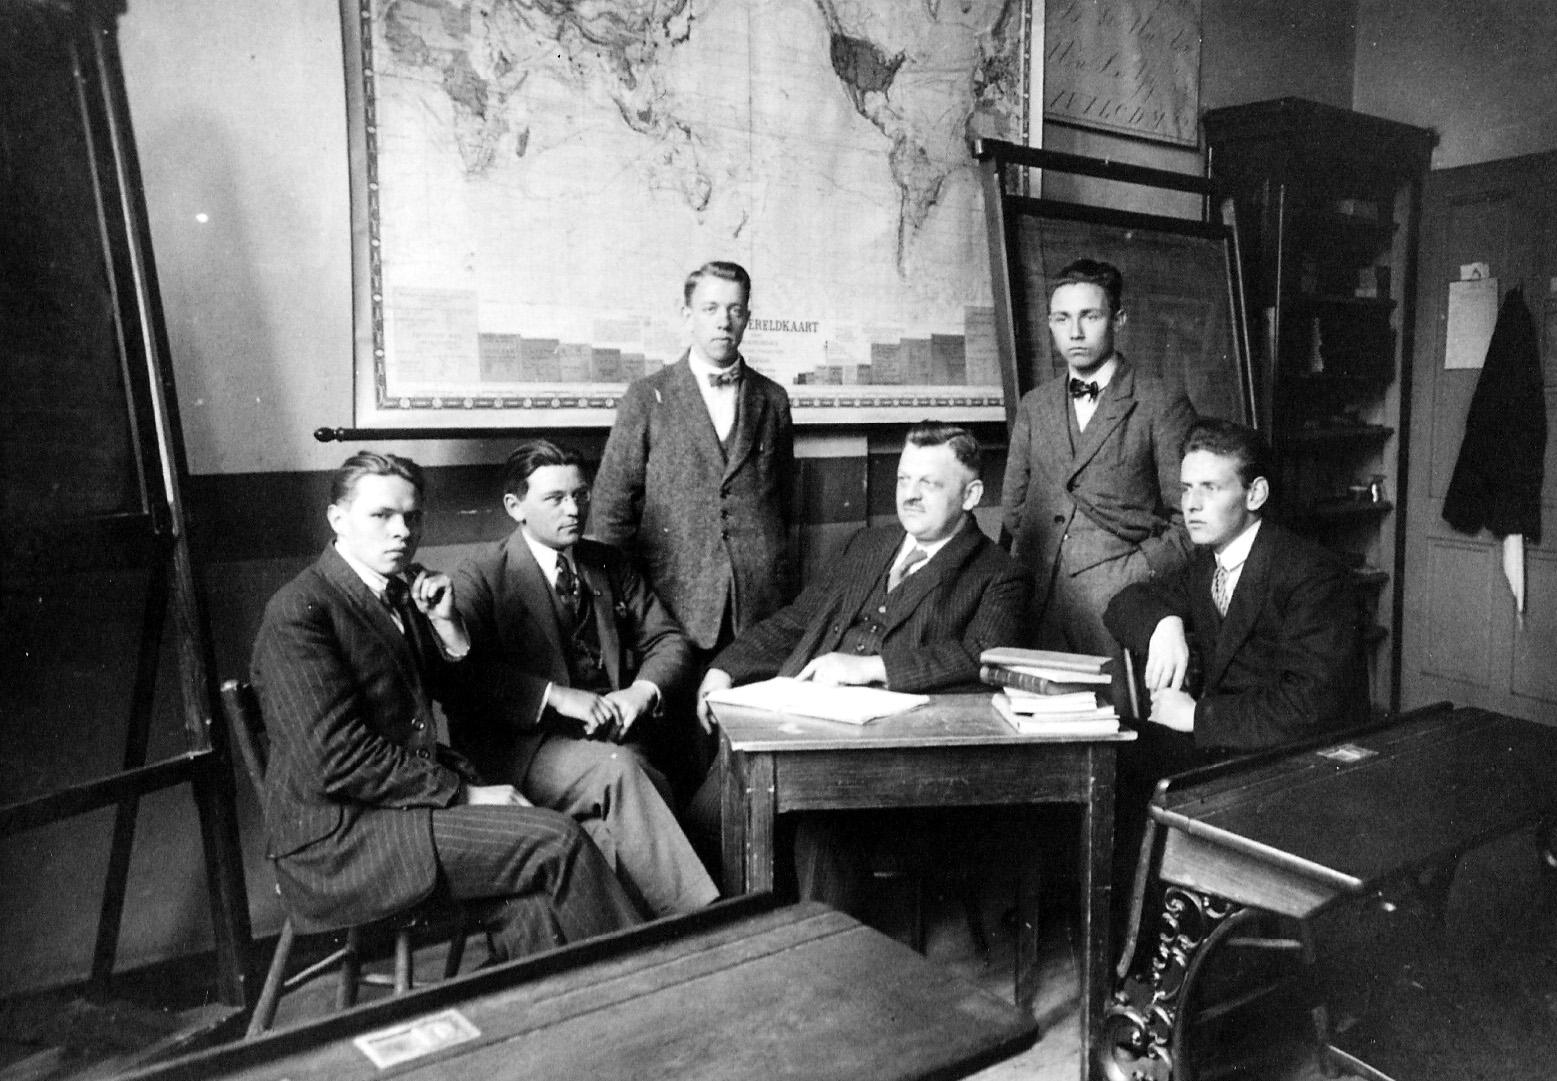 ca1925-1930 Onderwijzers jongensschool